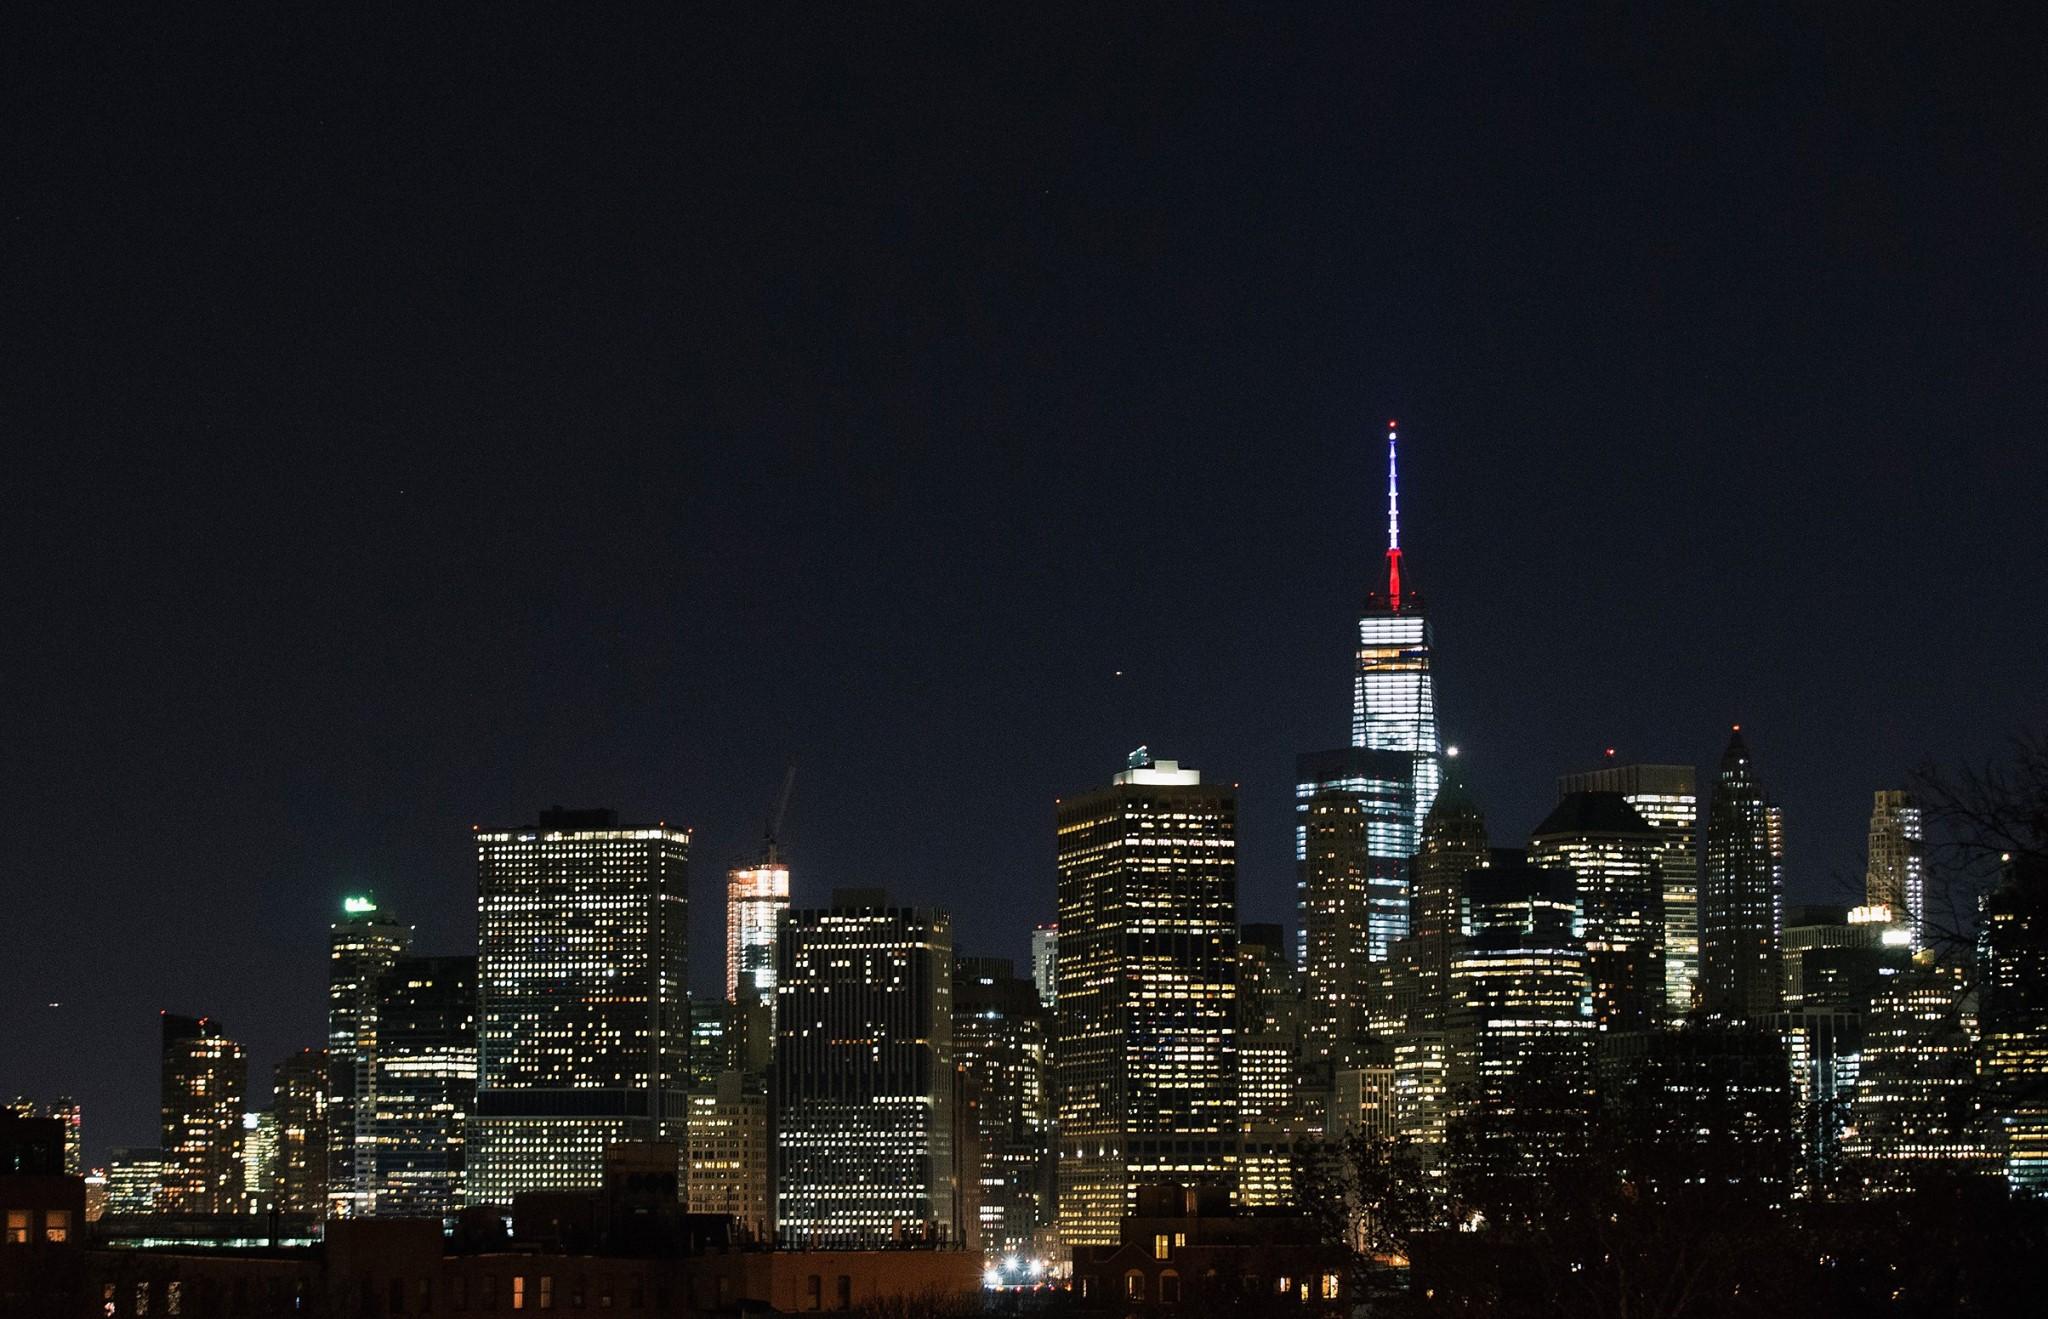 美國紐約世貿大樓,在夜空中打出藍白紅三色的法國國旗燈色,悼念恐襲事件中的死難者。攝:Daniel Pierce Wright/Getty Images